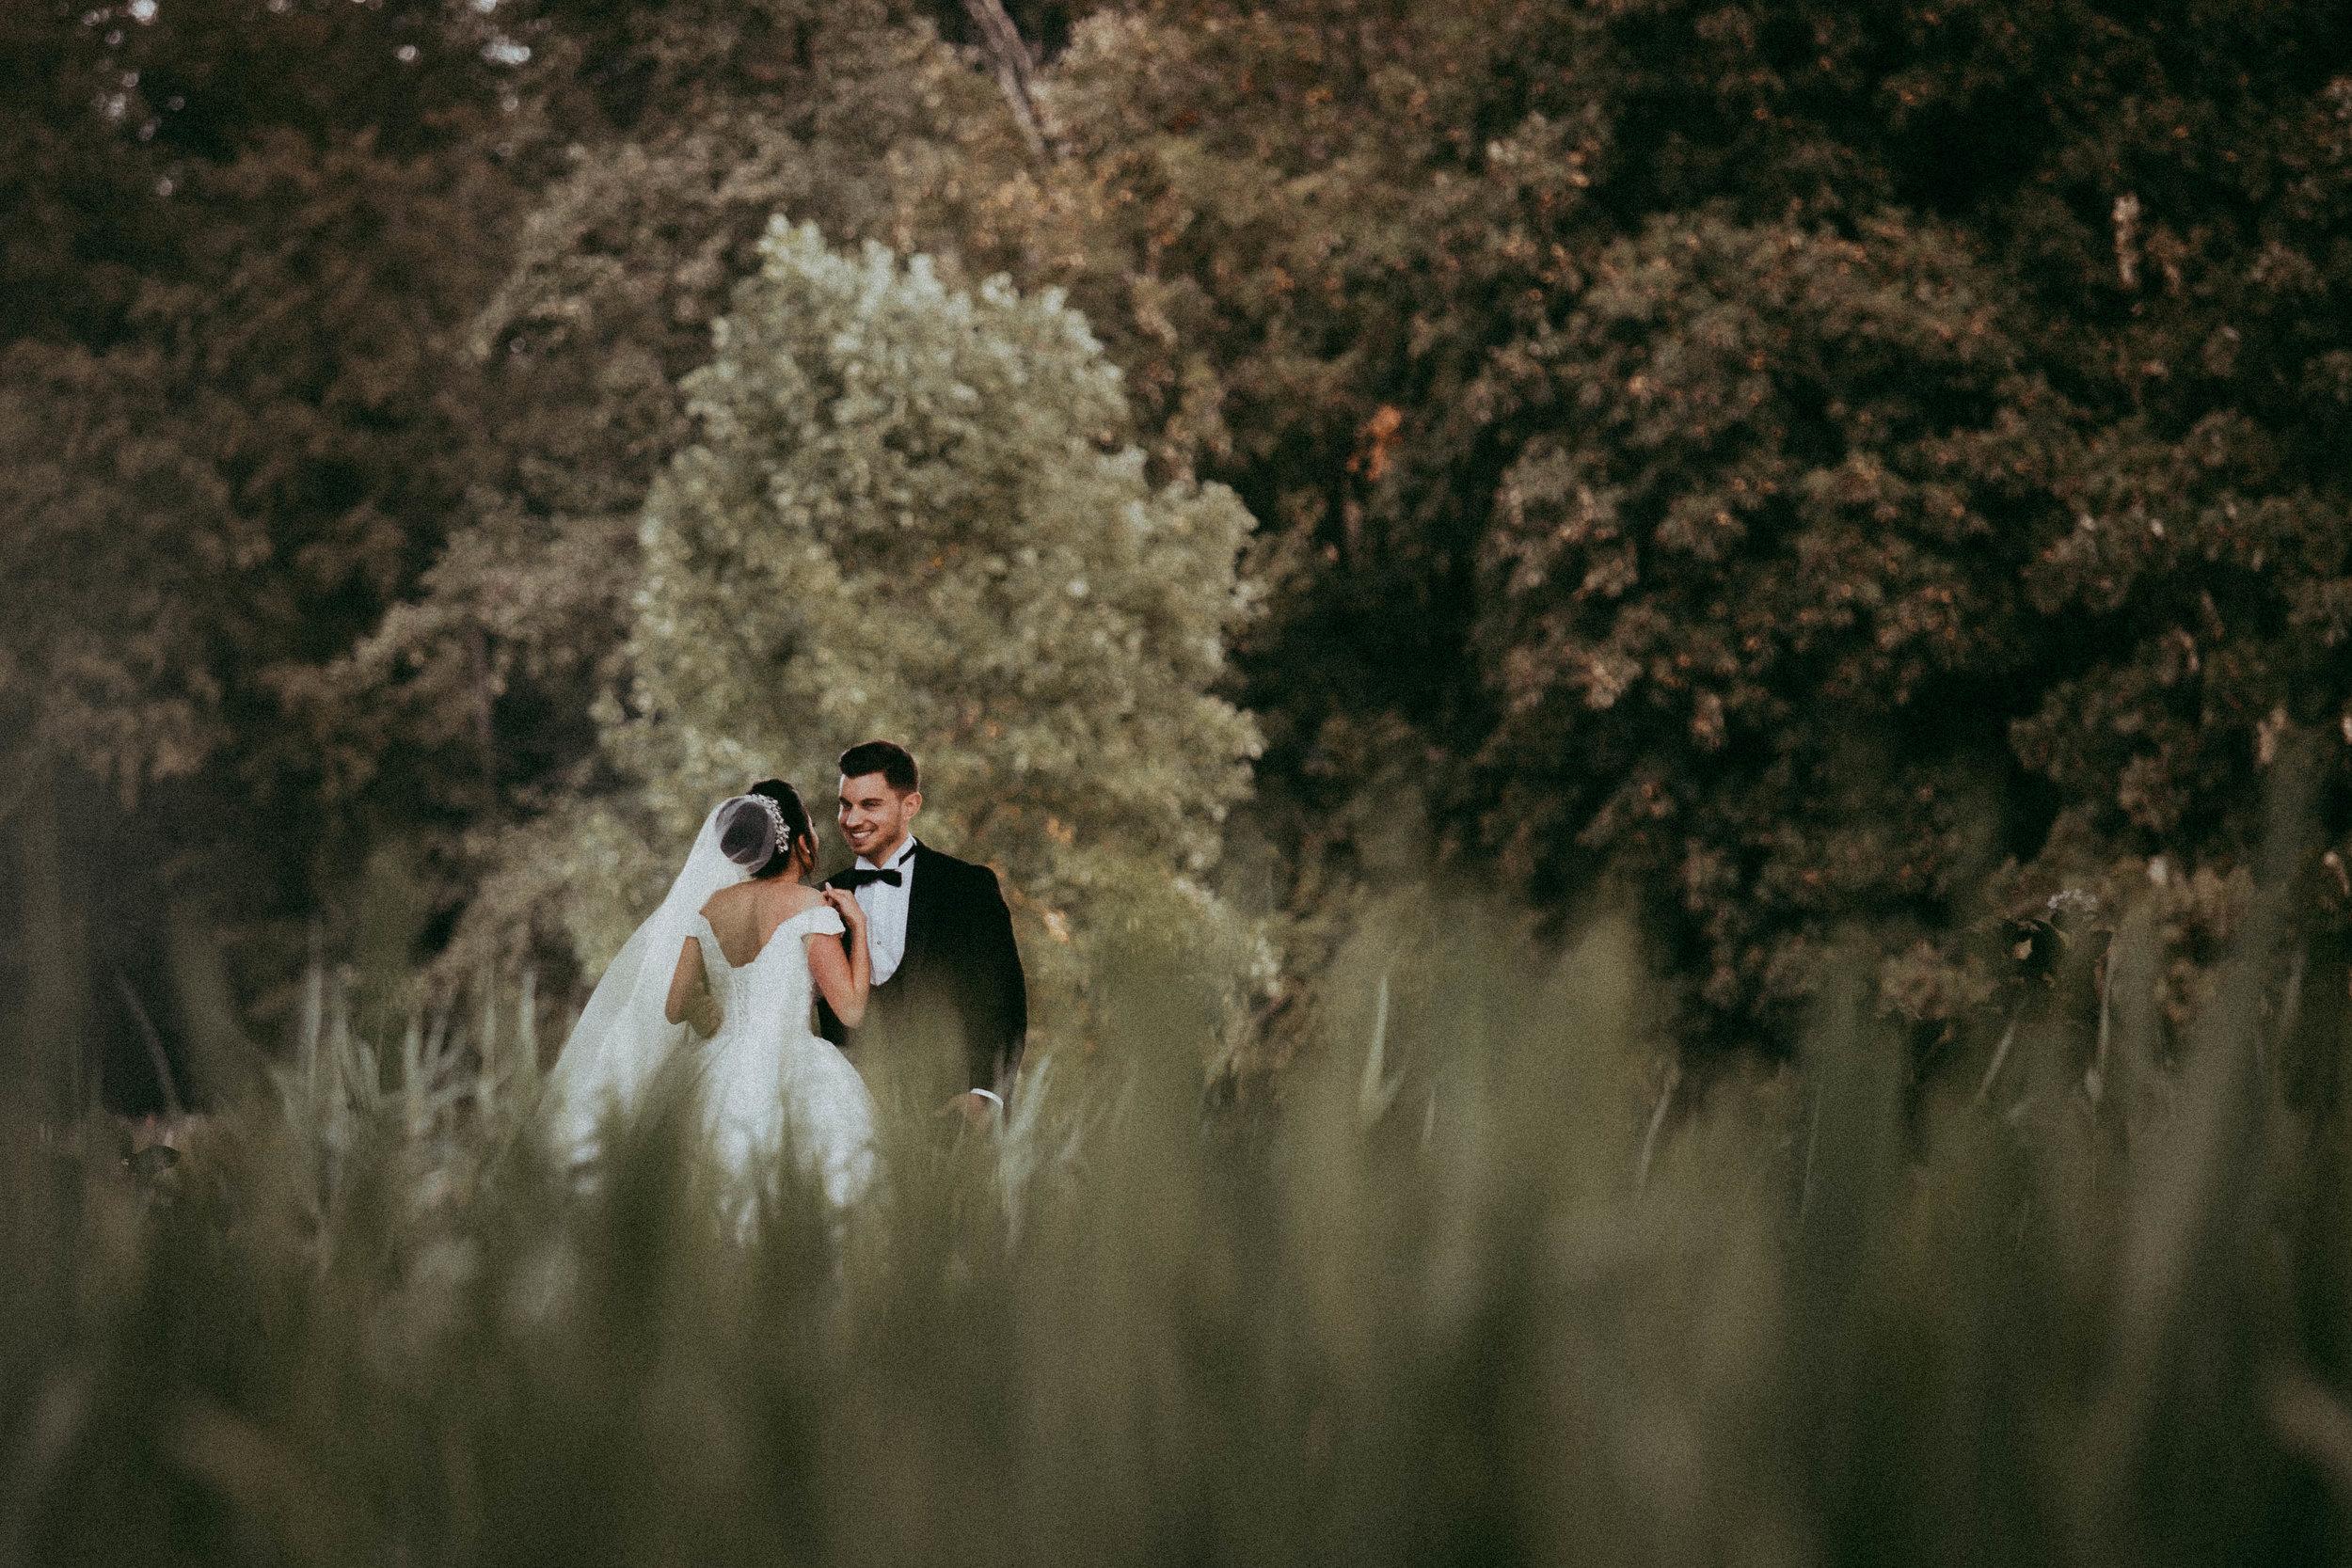 Schöne Braut und Bräutigam in der grünen Natur.jpg